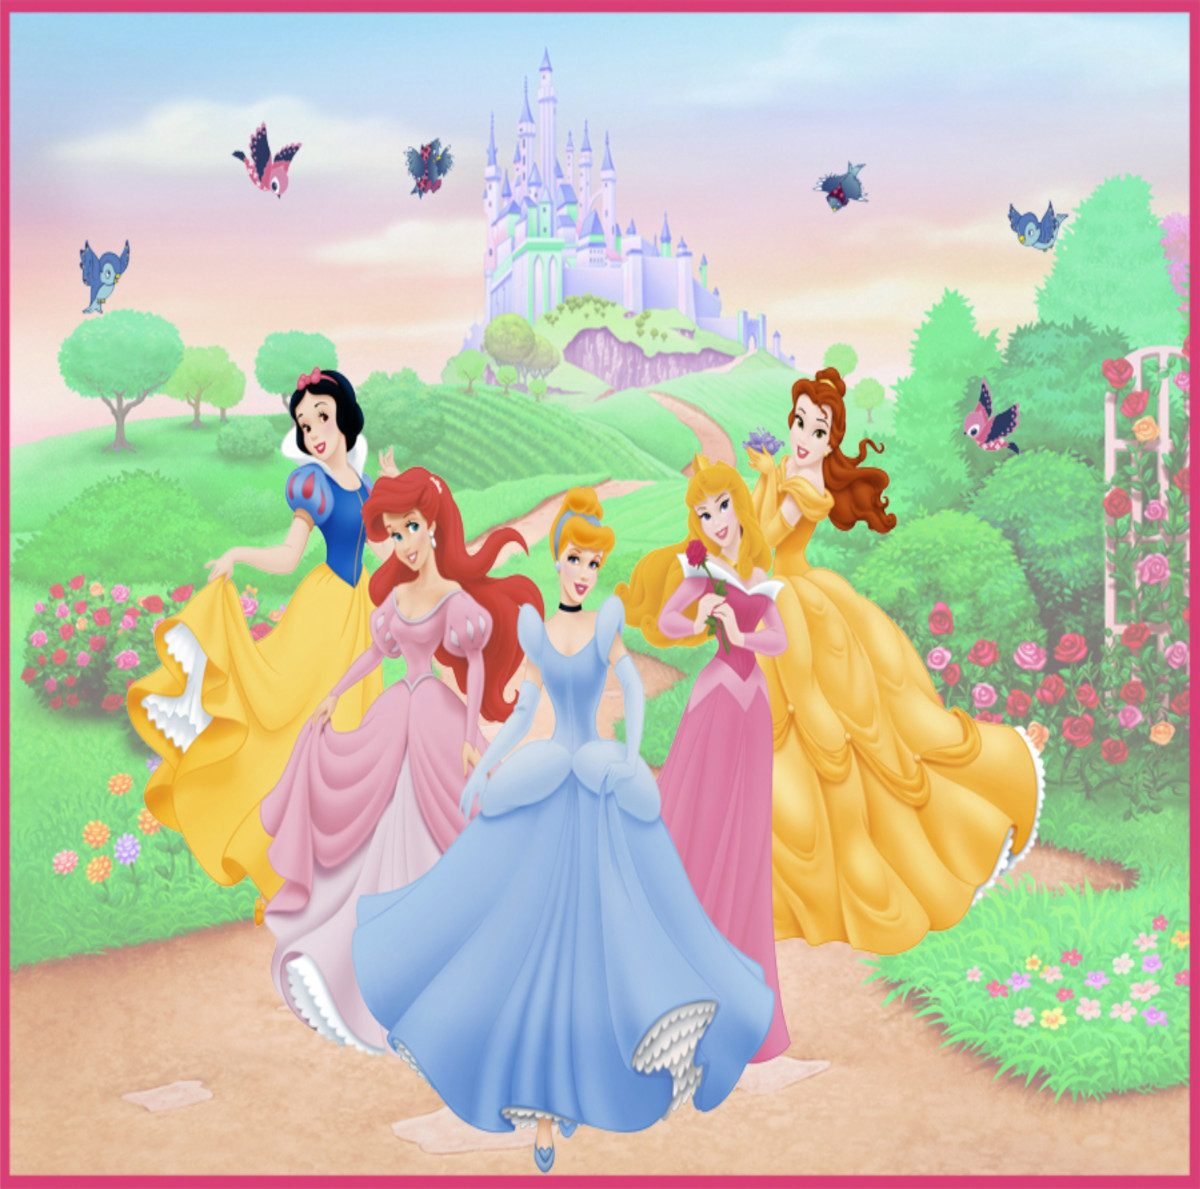 adesivo de castelo das princesas disney jpg adesivo castelo das Car Tuning